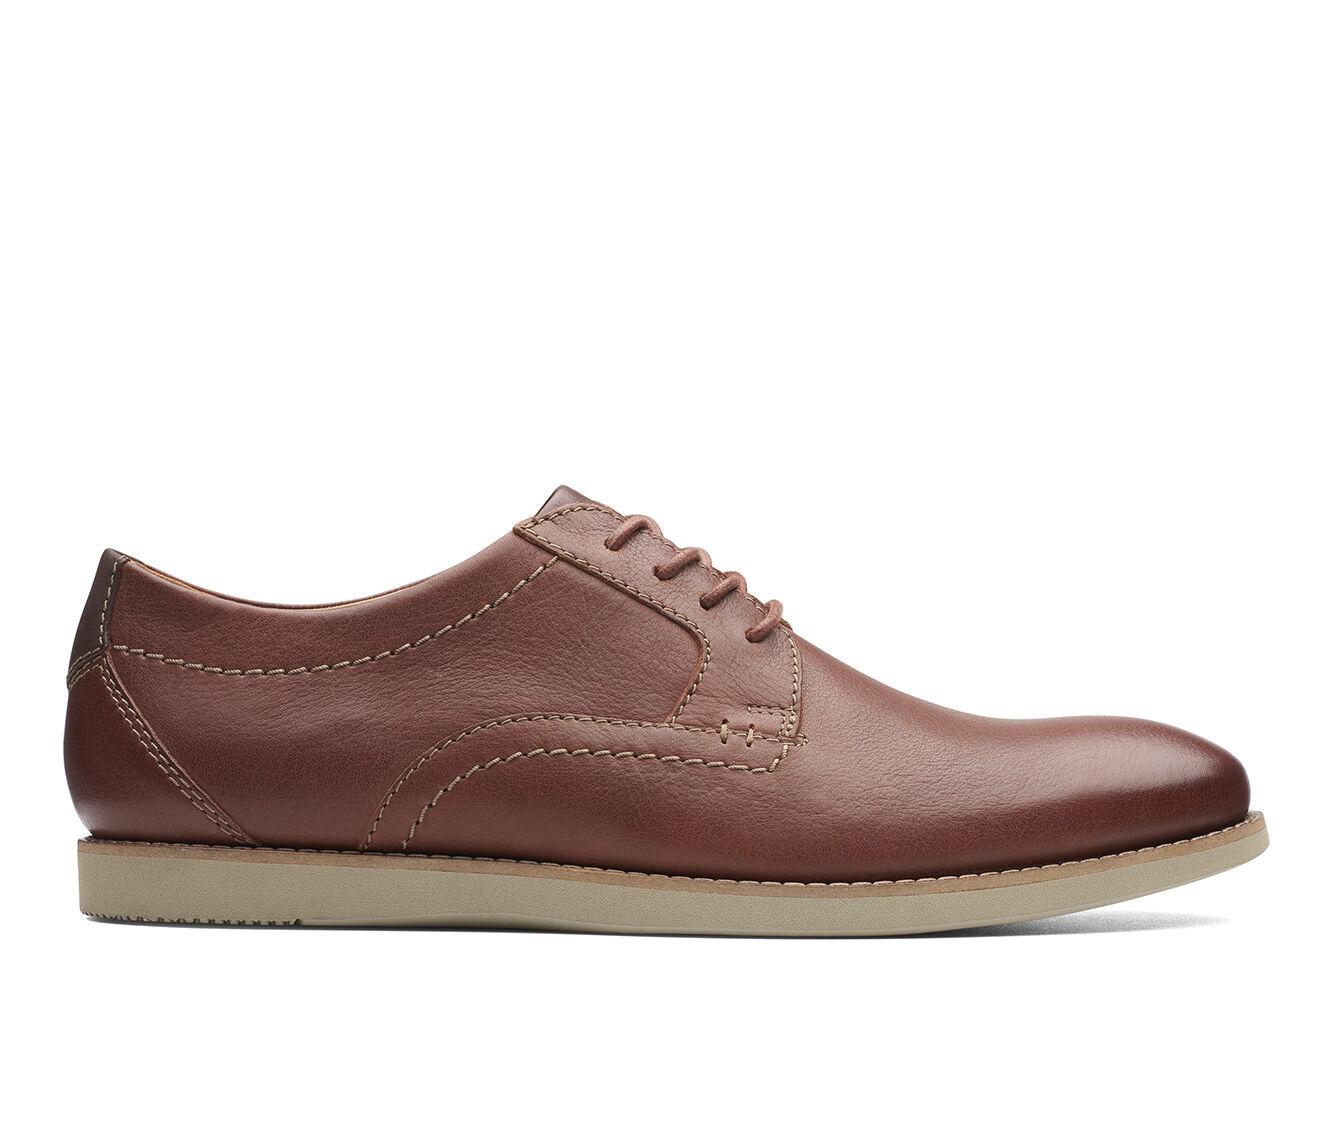 Men's Clarks Raharto Plain Toe Dress Shoes Brown Tumbled